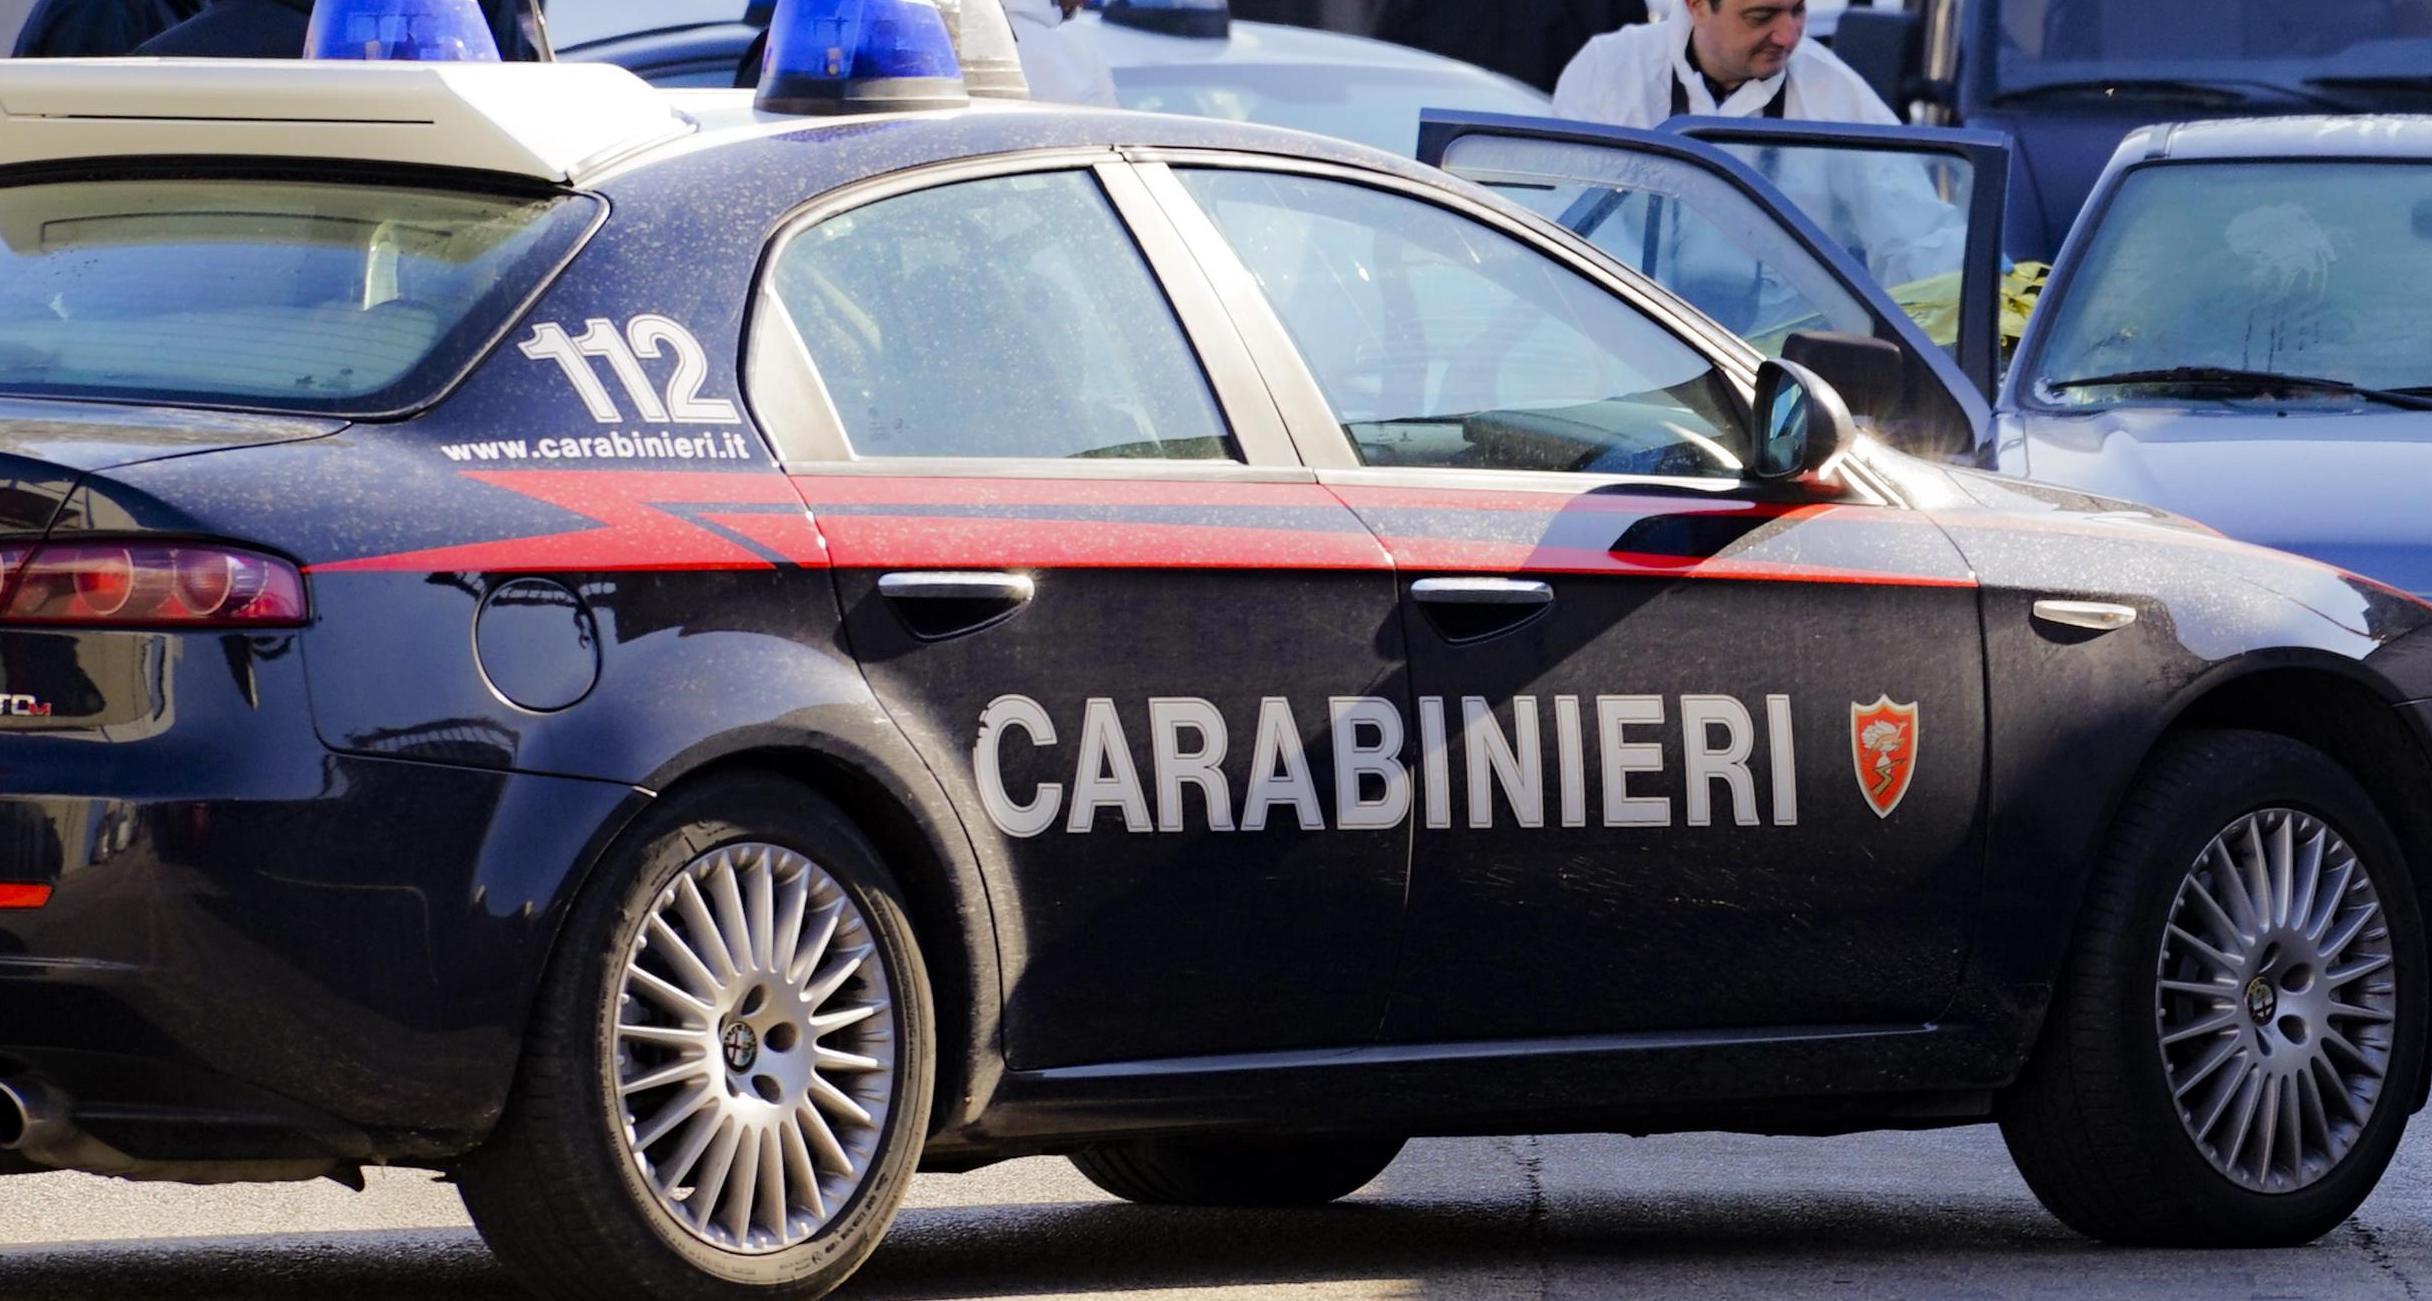 Strangolata davanti alla figlia piccola per pochi euro: fermati due cugini del marito